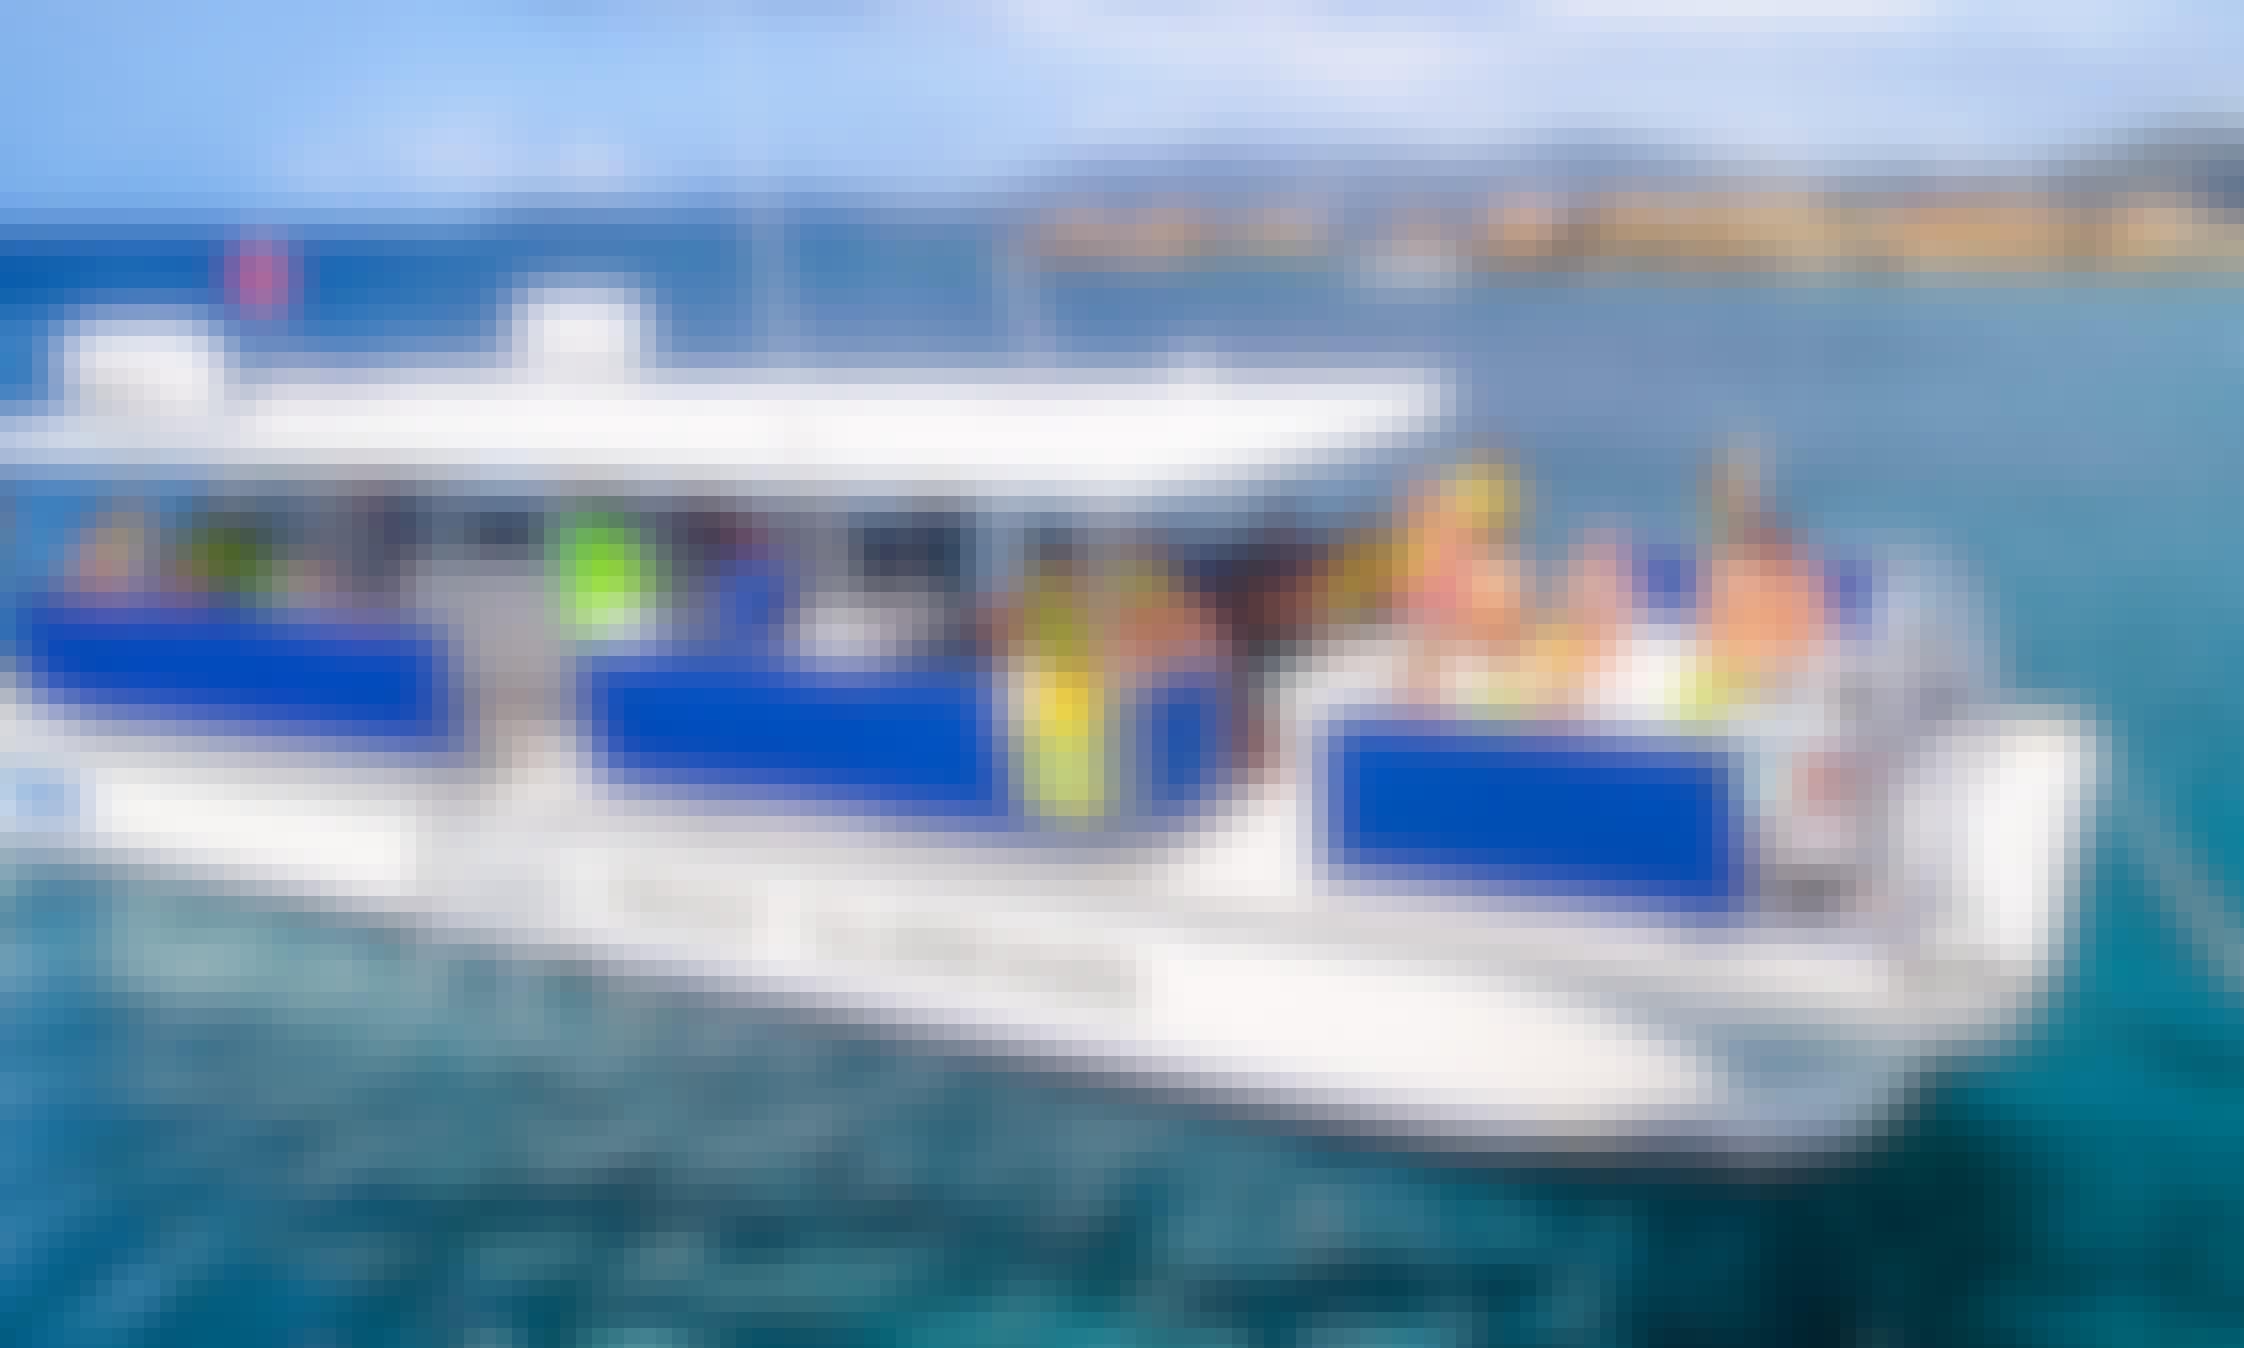 Reef Surfari Snorkeling Excursion - 2 Locations (4-Hours) in St. Thomas, U.S. Virgin Islands